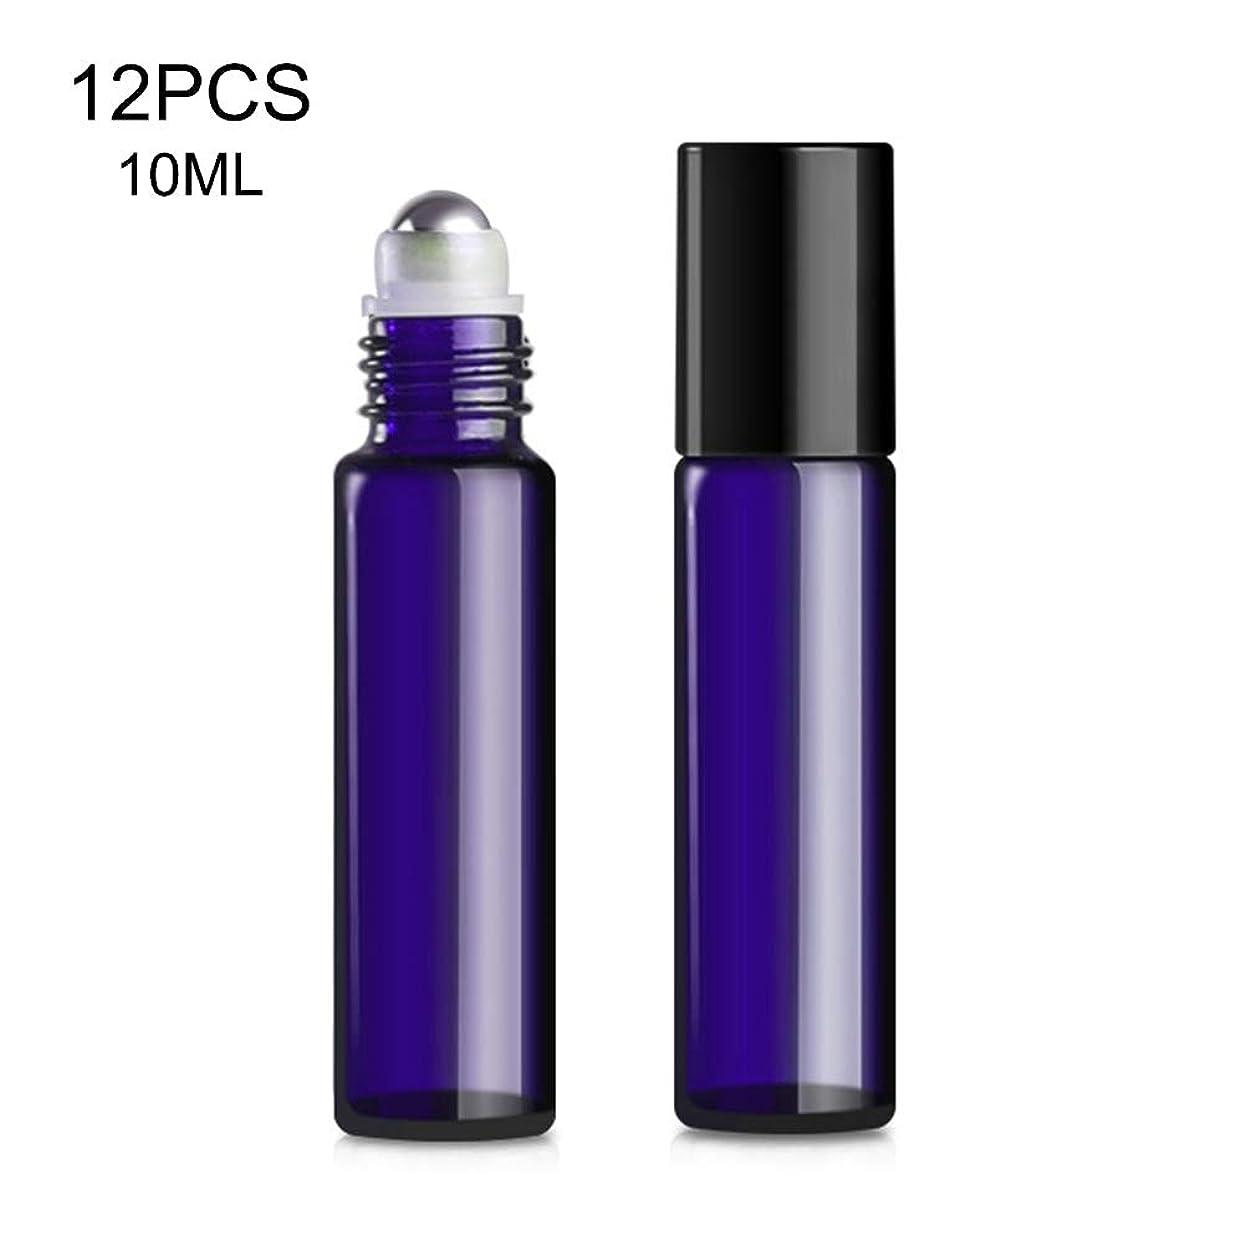 白いごめんなさい賠償DOMO 12PCS 10ML エッセンシャルオイルボトル 空のボトル ガラス瓶 香水瓶 ガラス瓶詰め ビーズボトル